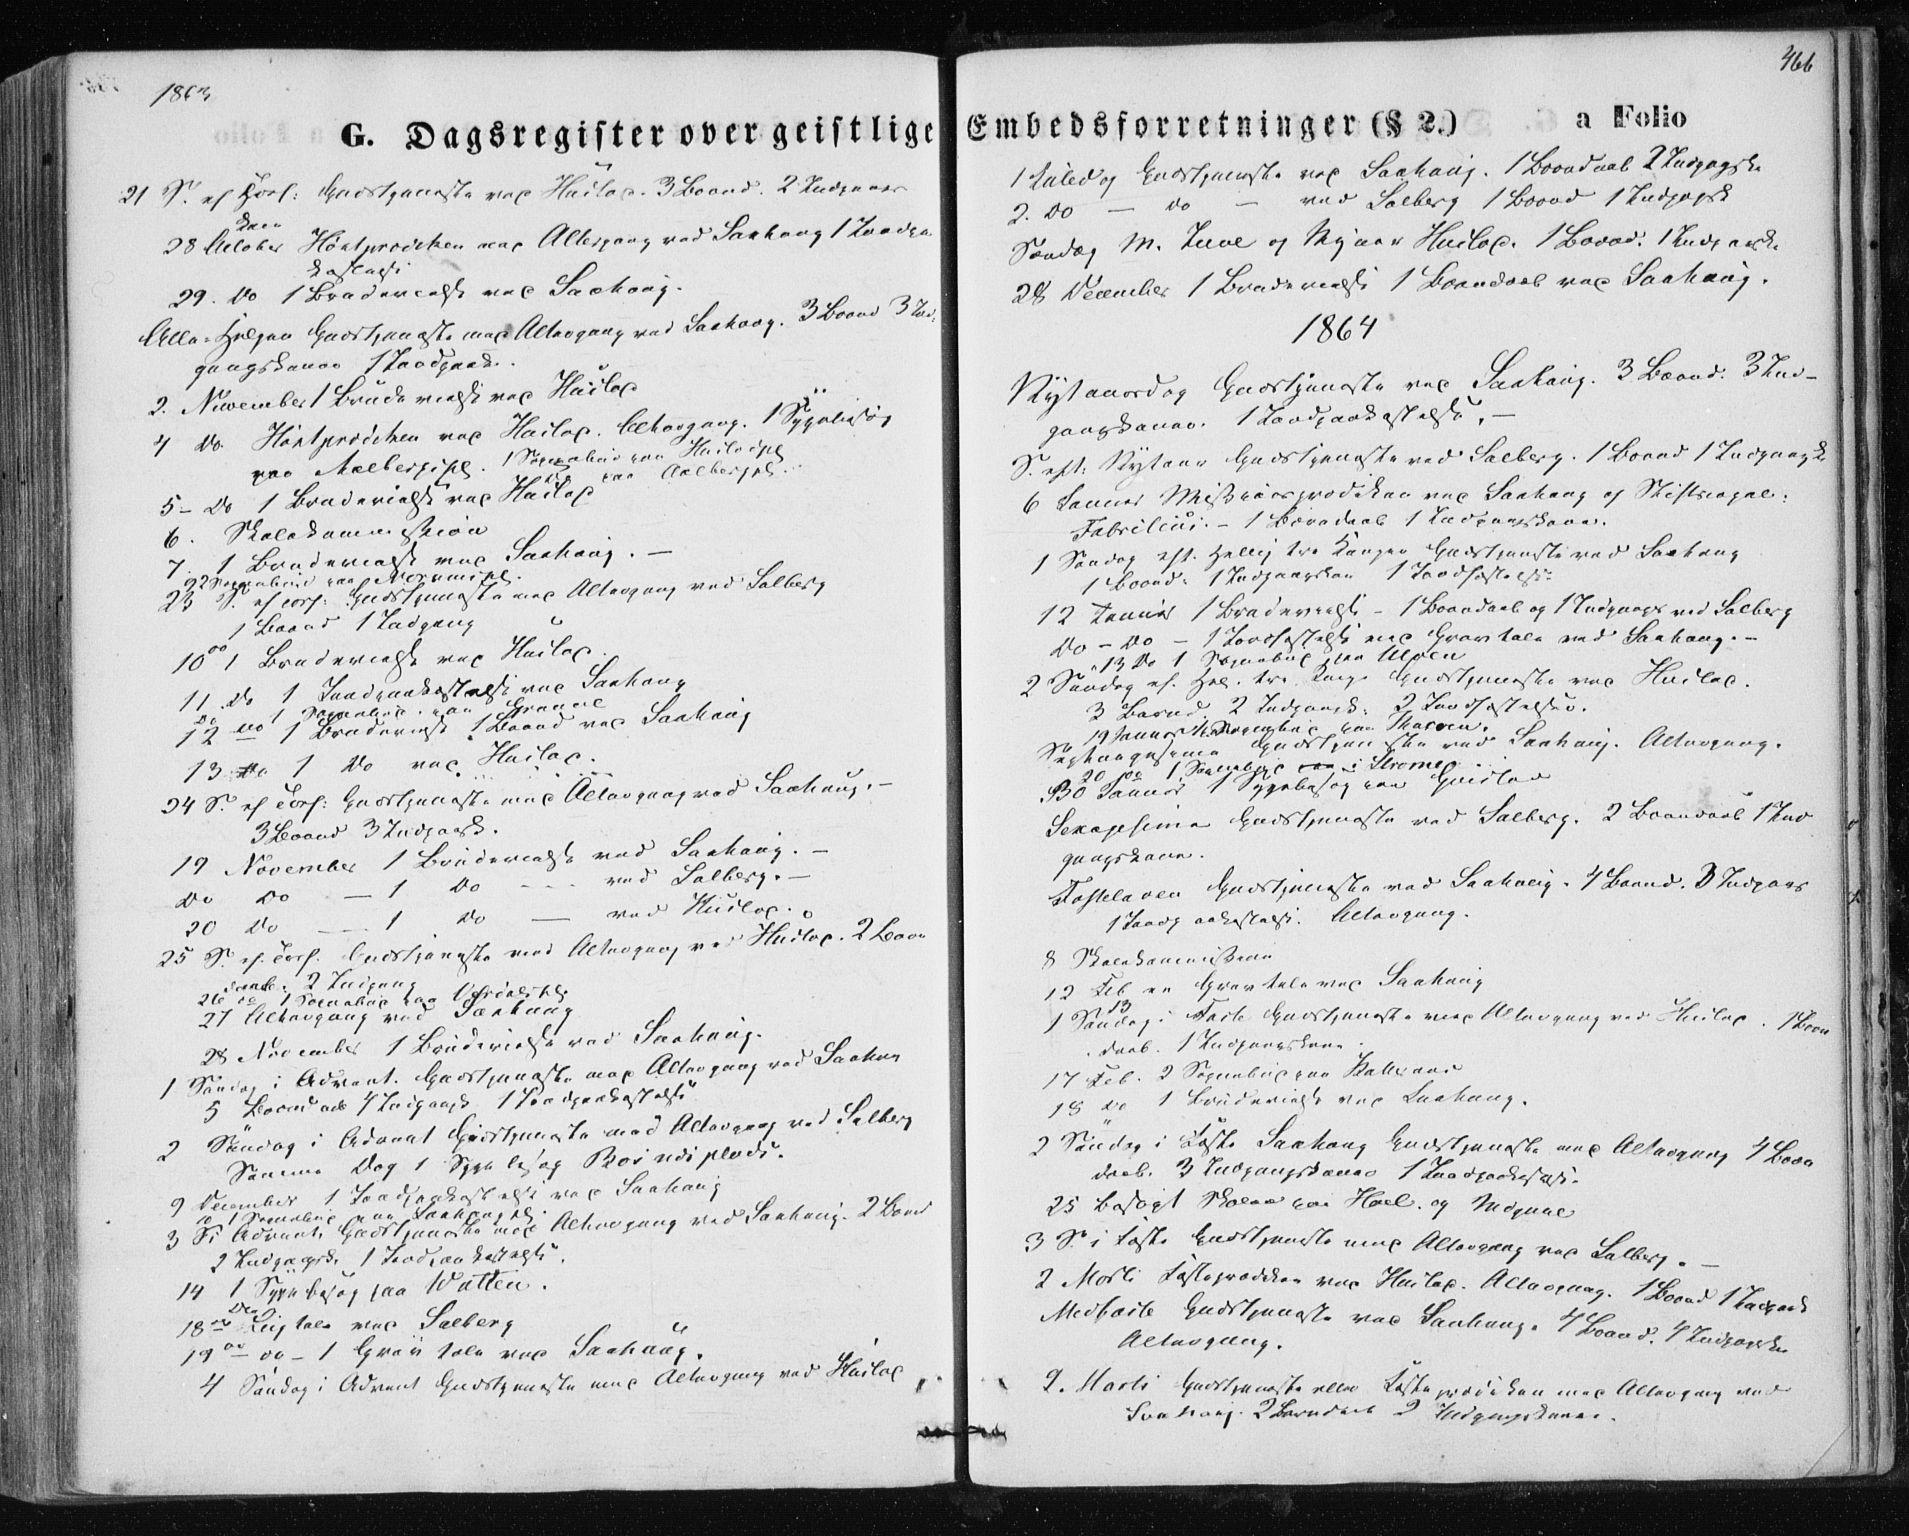 SAT, Ministerialprotokoller, klokkerbøker og fødselsregistre - Nord-Trøndelag, 730/L0283: Ministerialbok nr. 730A08, 1855-1865, s. 466